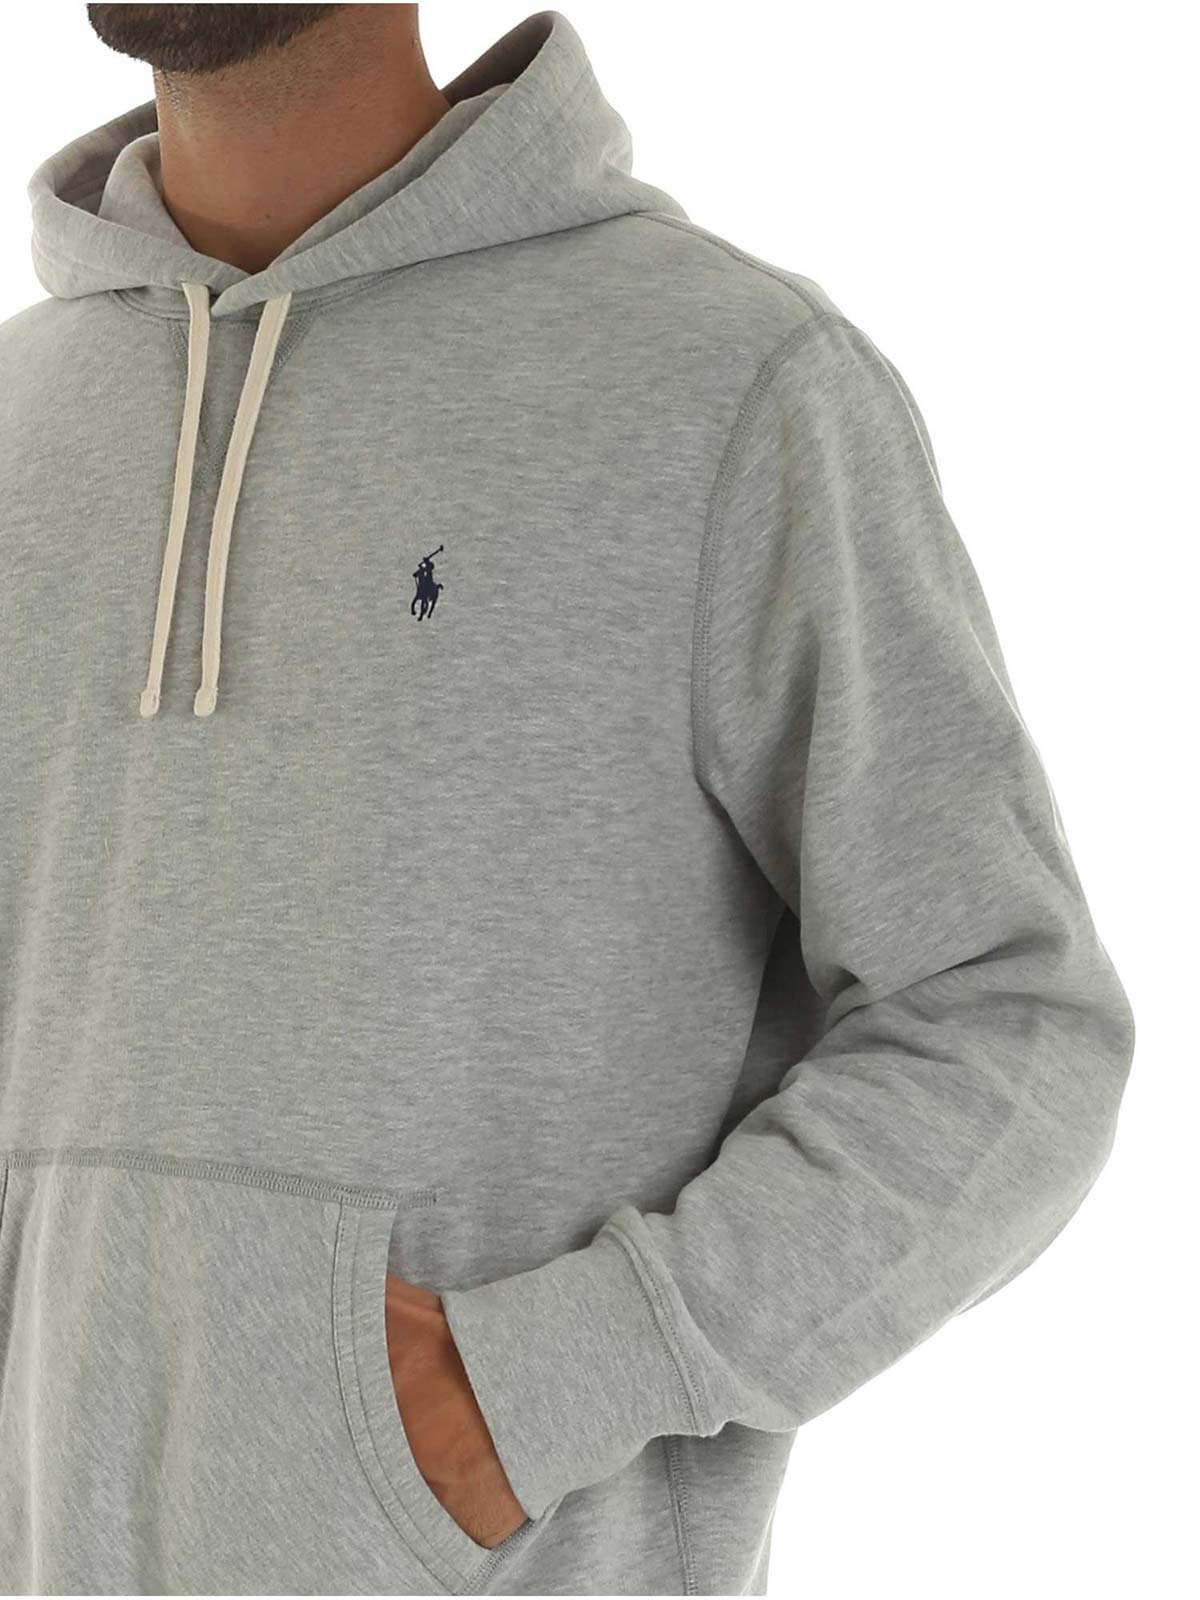 Picture of POLO RALPH LAUREN | Men's Hoodie Sweatshirt